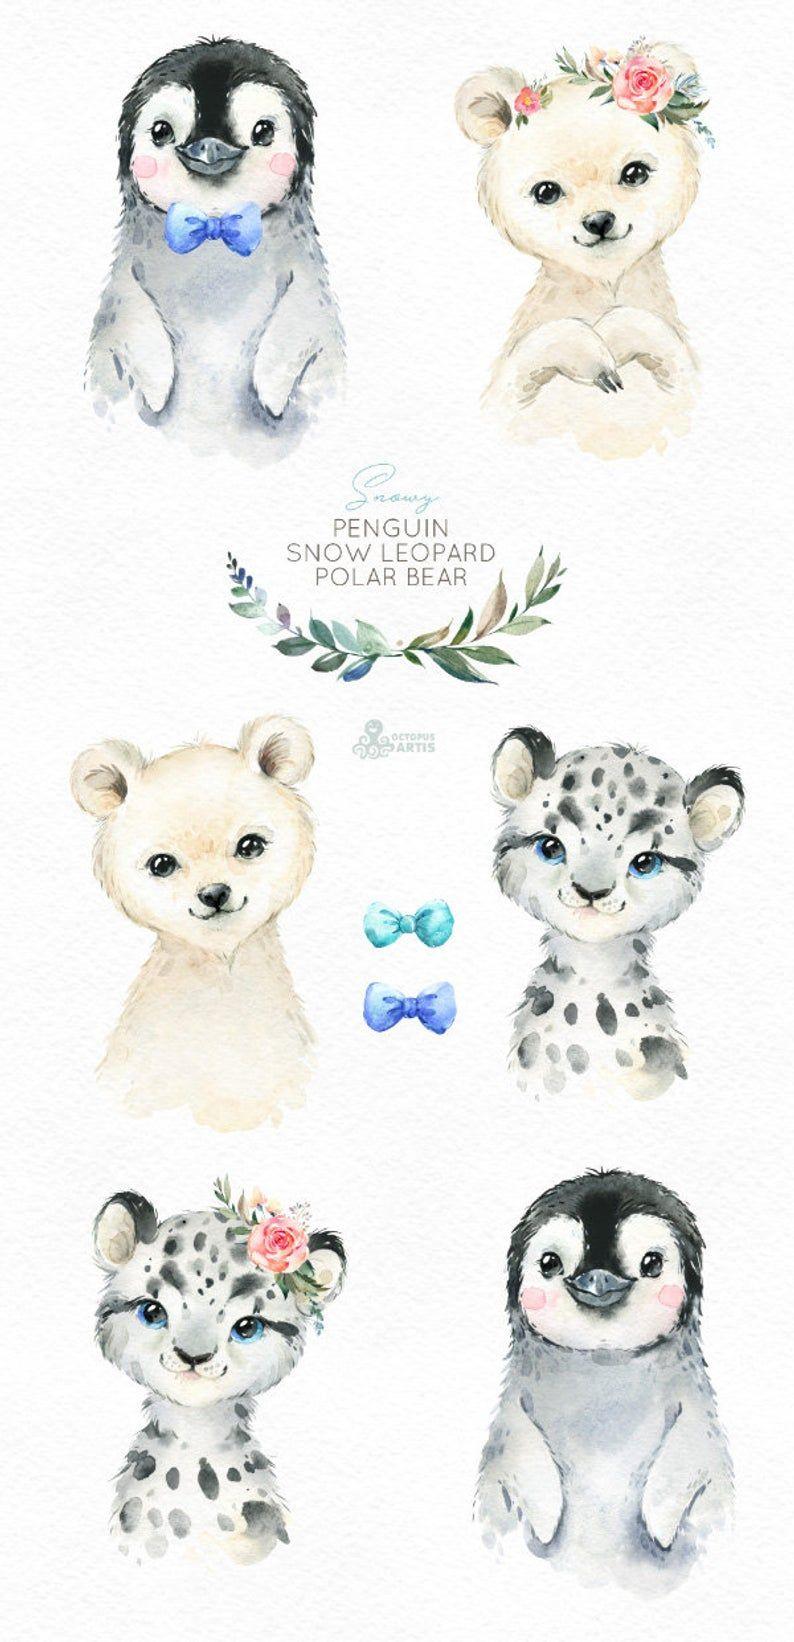 Neigeux léopard des neiges dours pingouin aquarelle petits animaux clipart bébé portrait blanc dhiver arctique fleur enfant crèche art-shower de bébé